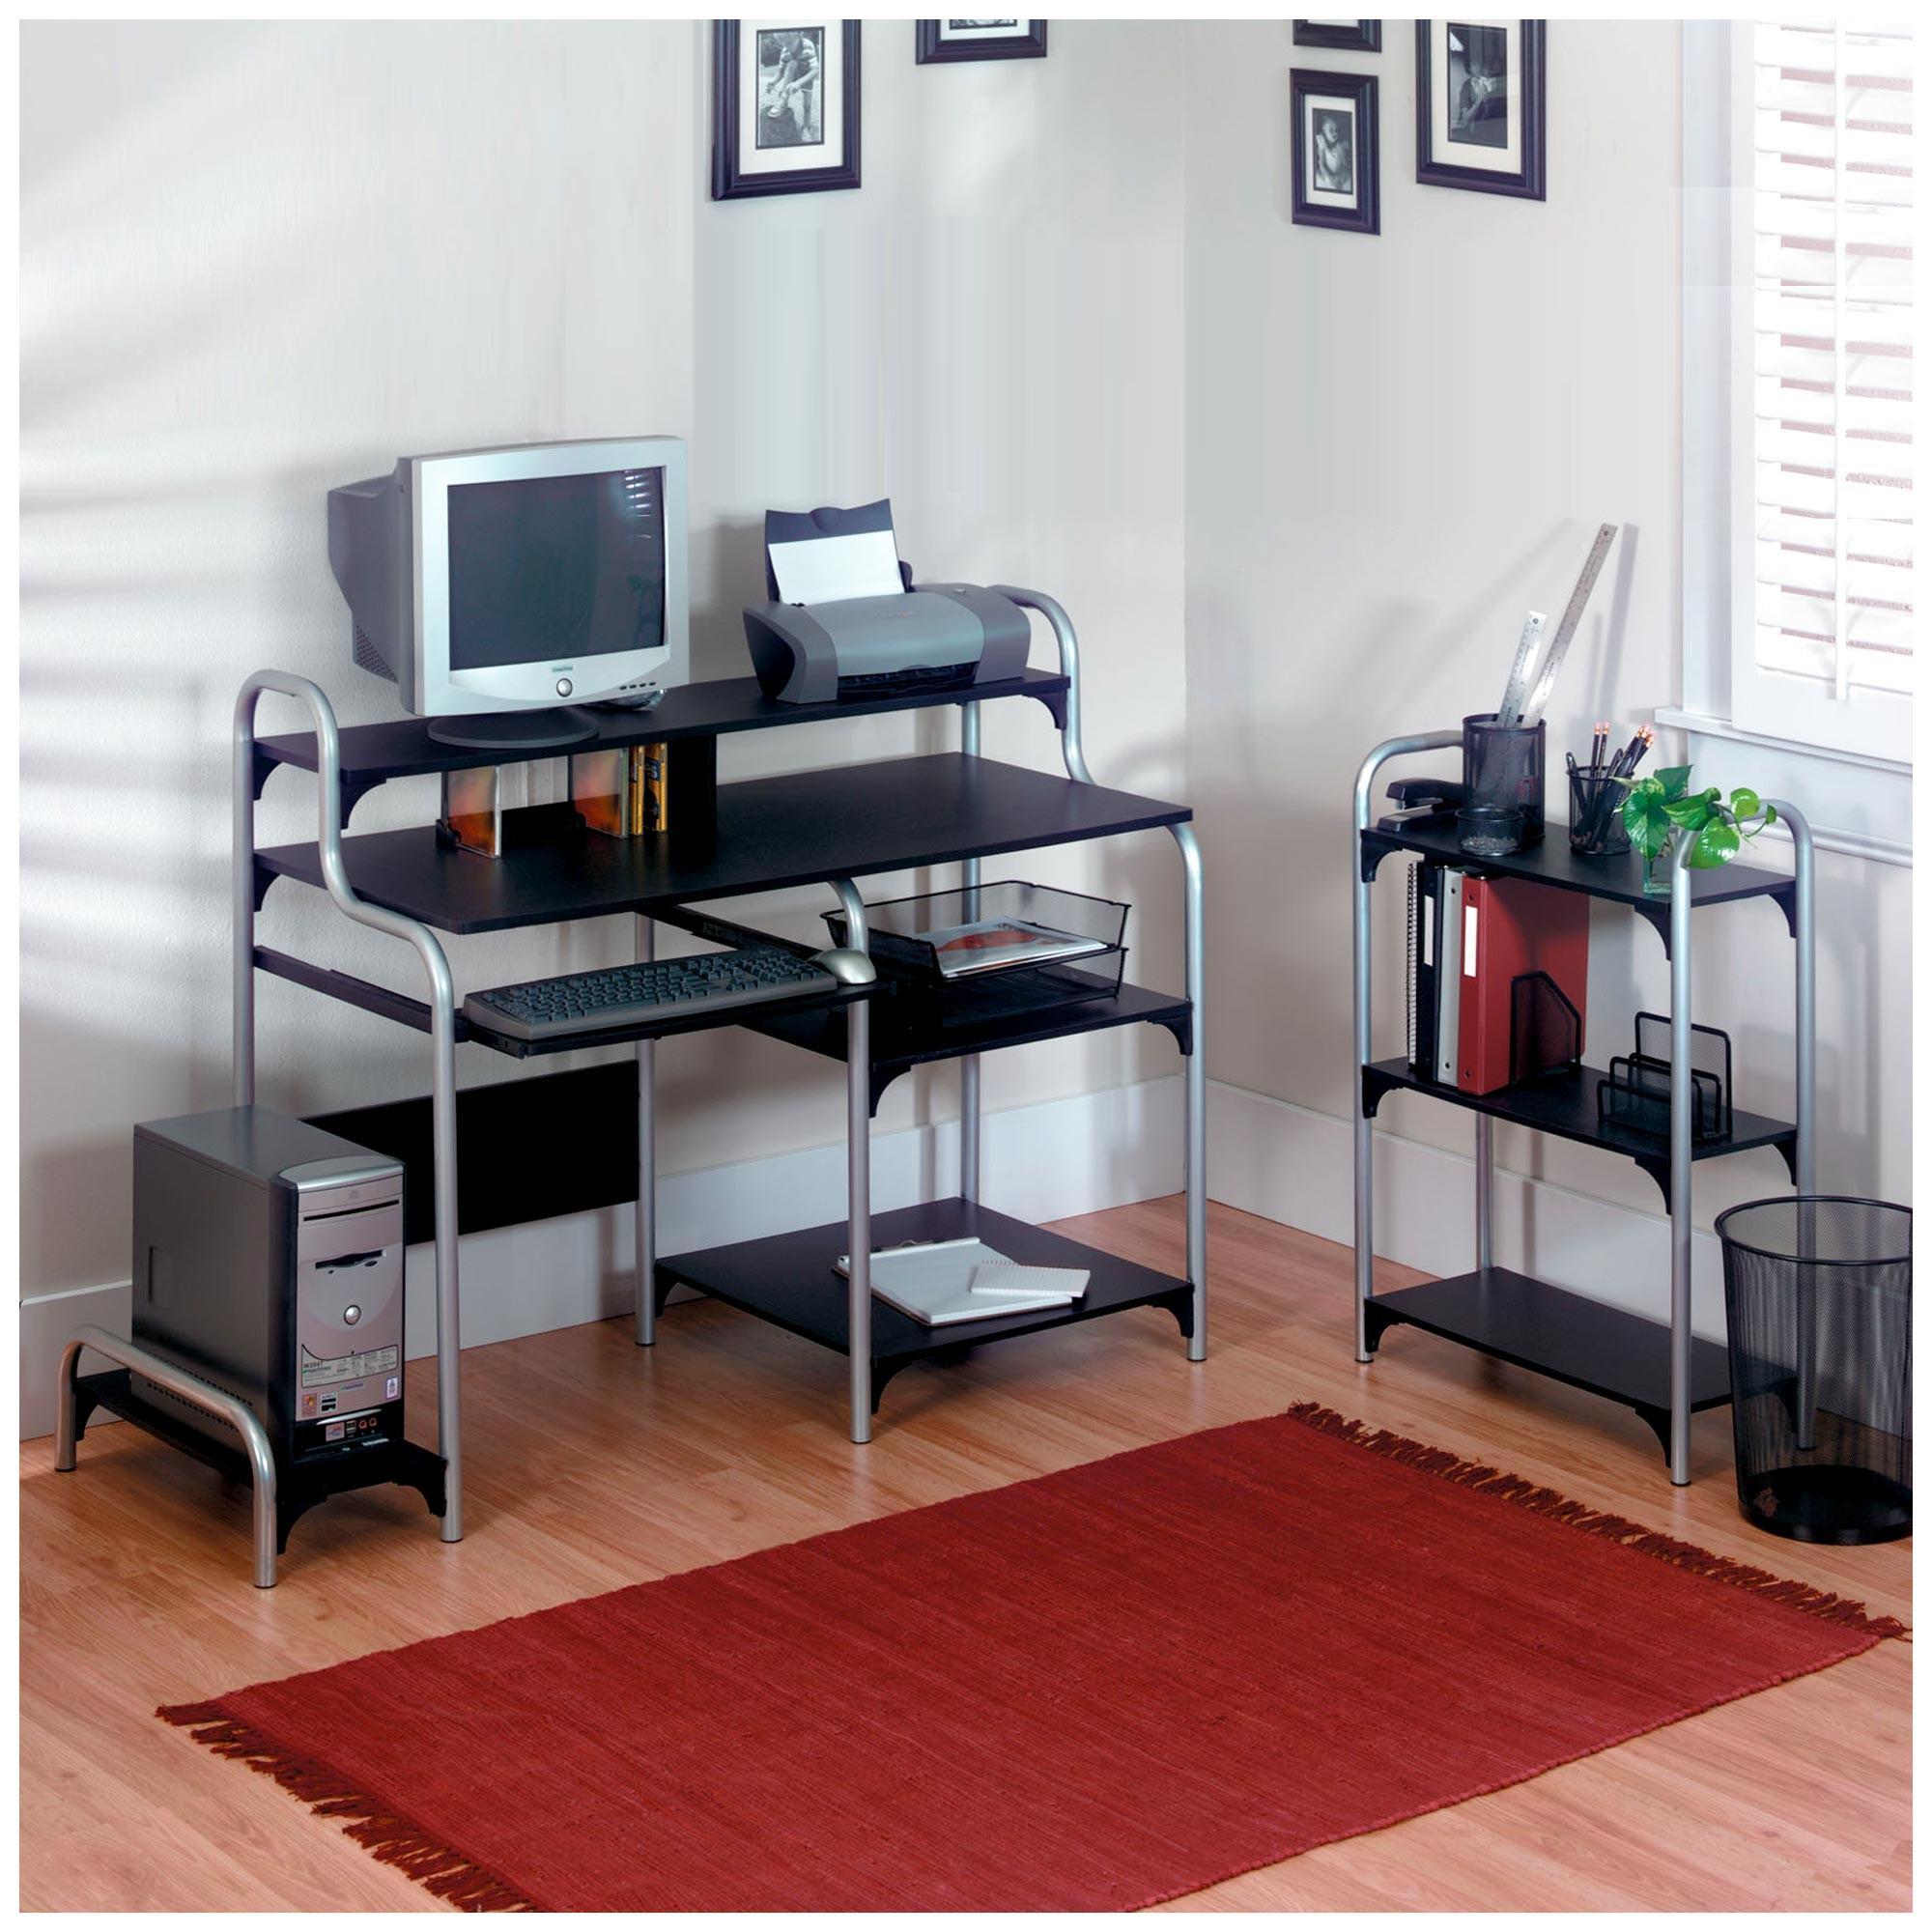 Altra Overton Modern Workstation Computer Desk